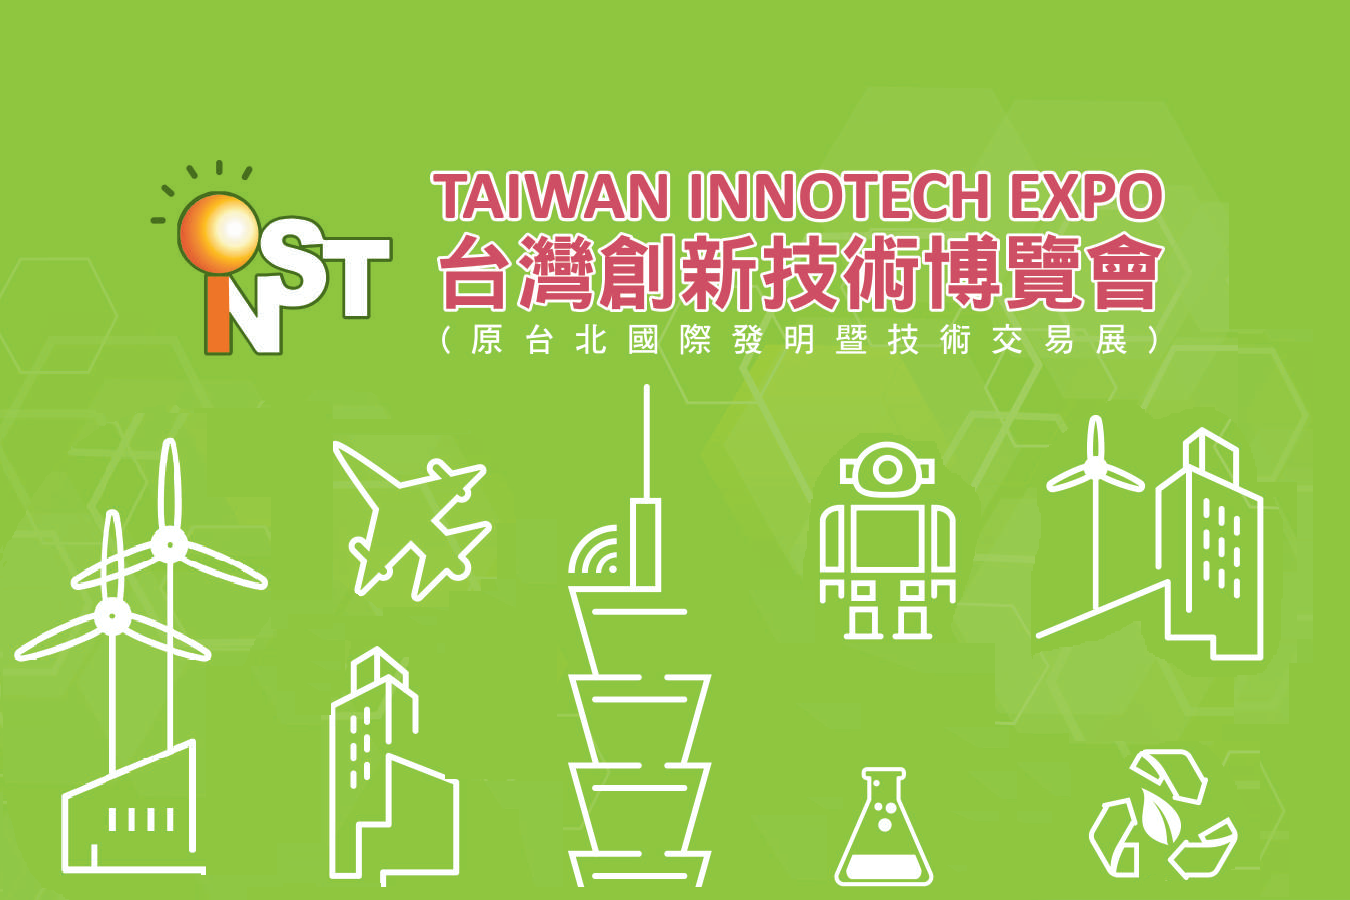 2018台灣創新技術博覽會 即日起開放報名